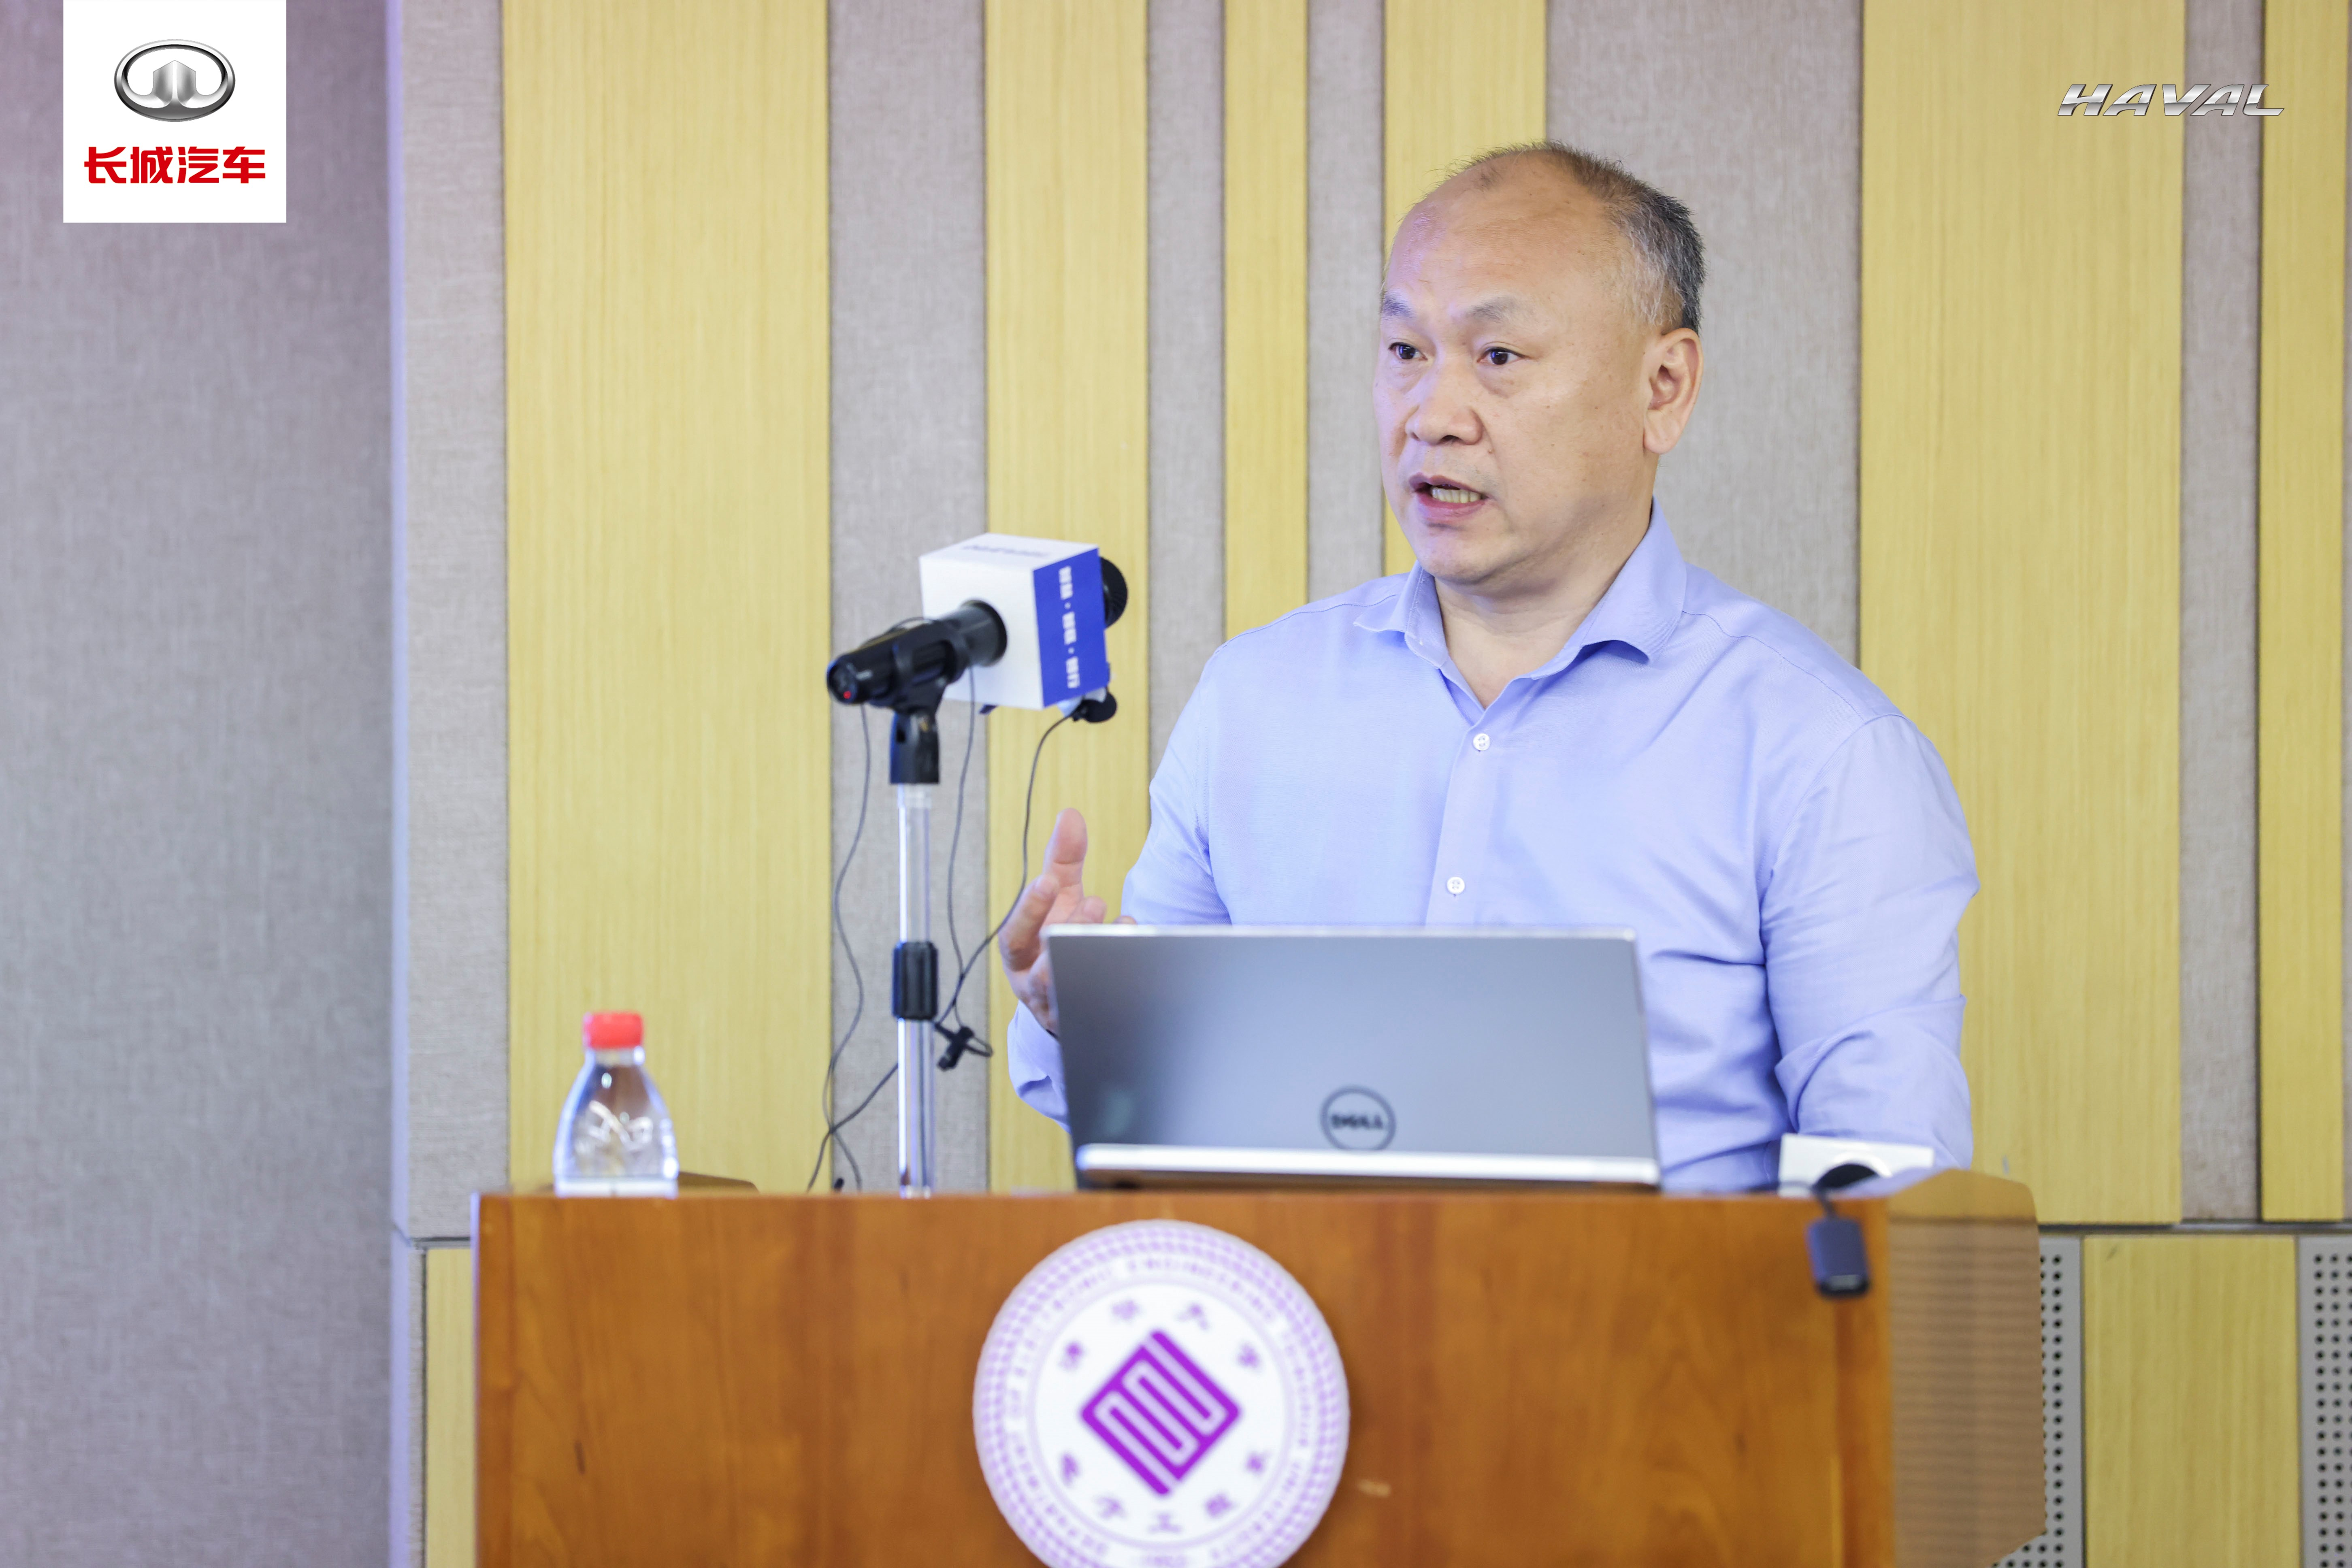 图片6 清华大学电子工程系教授、信息科学与技术国家实验室副所长黄永峰.jpg